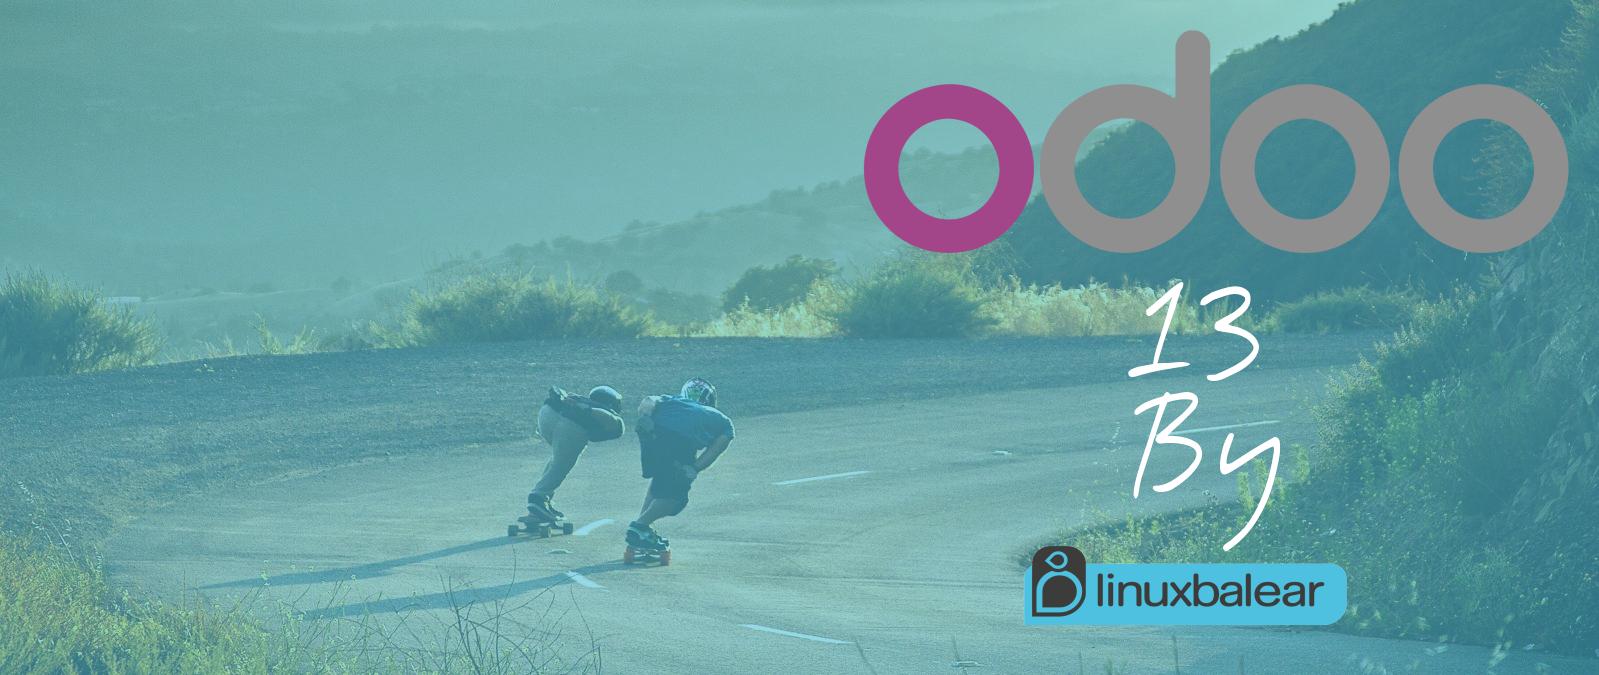 Odoo 13 by Linuxbalear